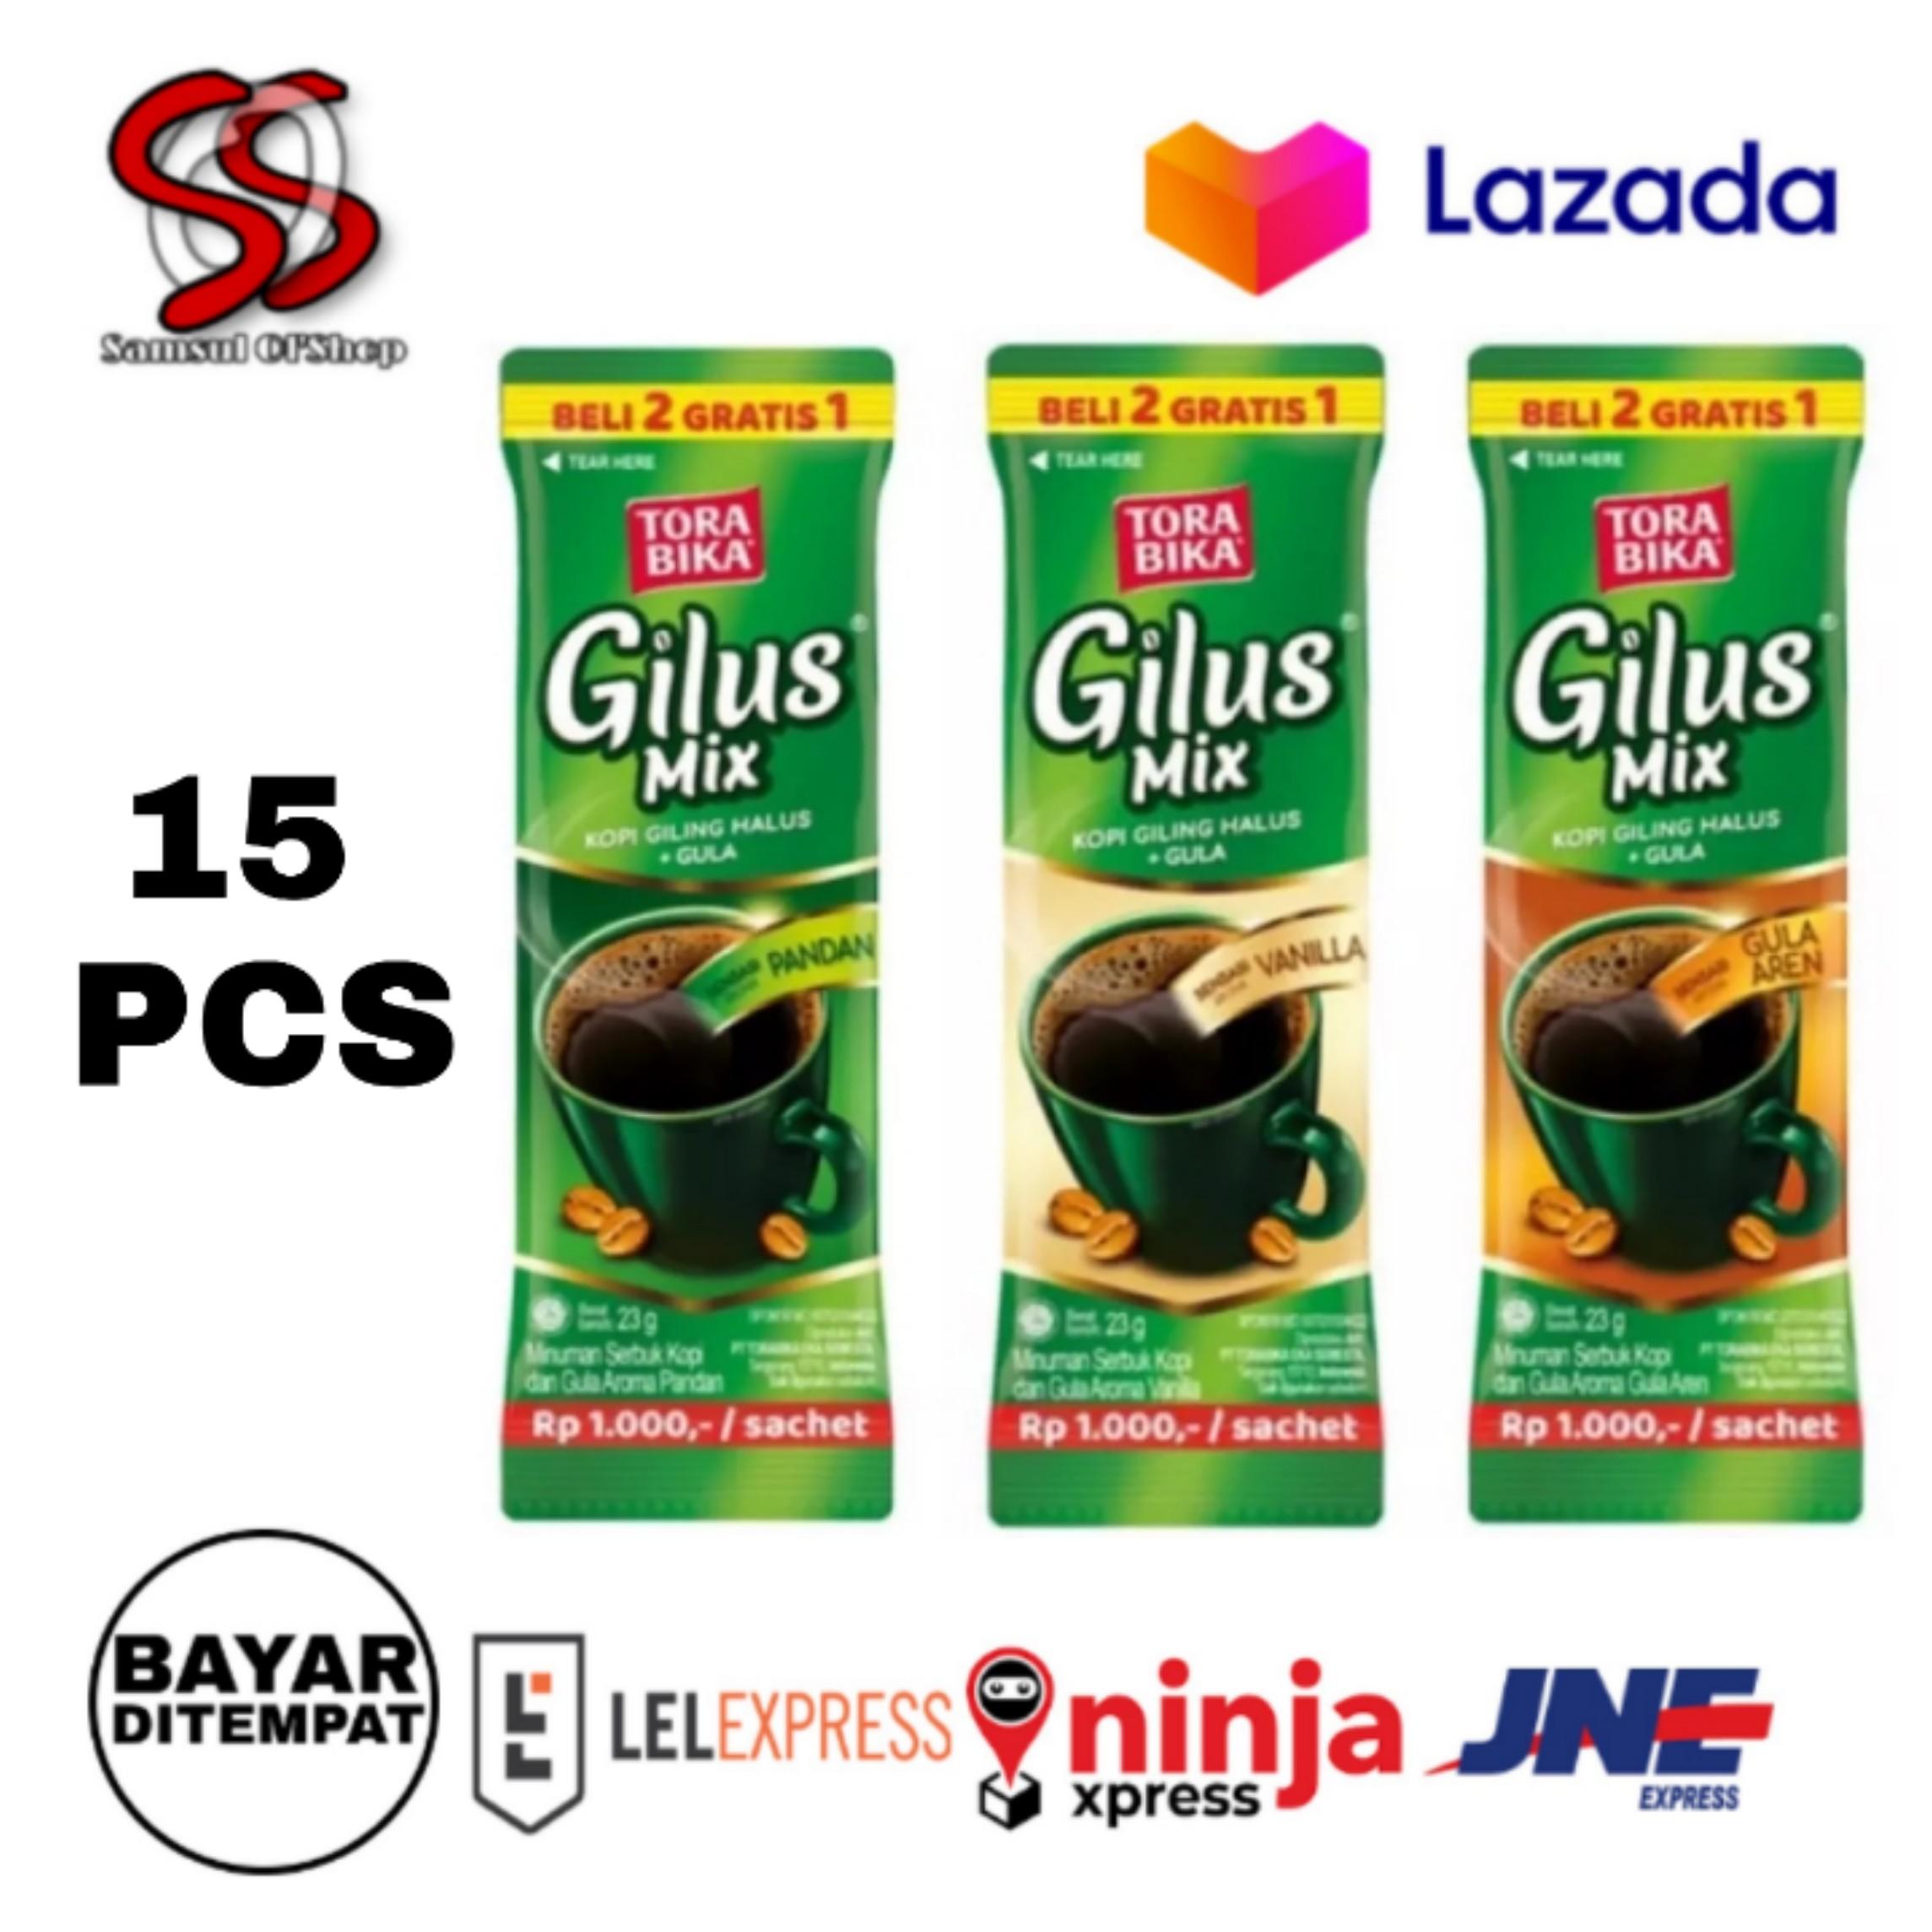 torabika gilus mix 3 rasa vanila-gula aren-pan(15pcs) / kopi gilus mix  2 gratis 1